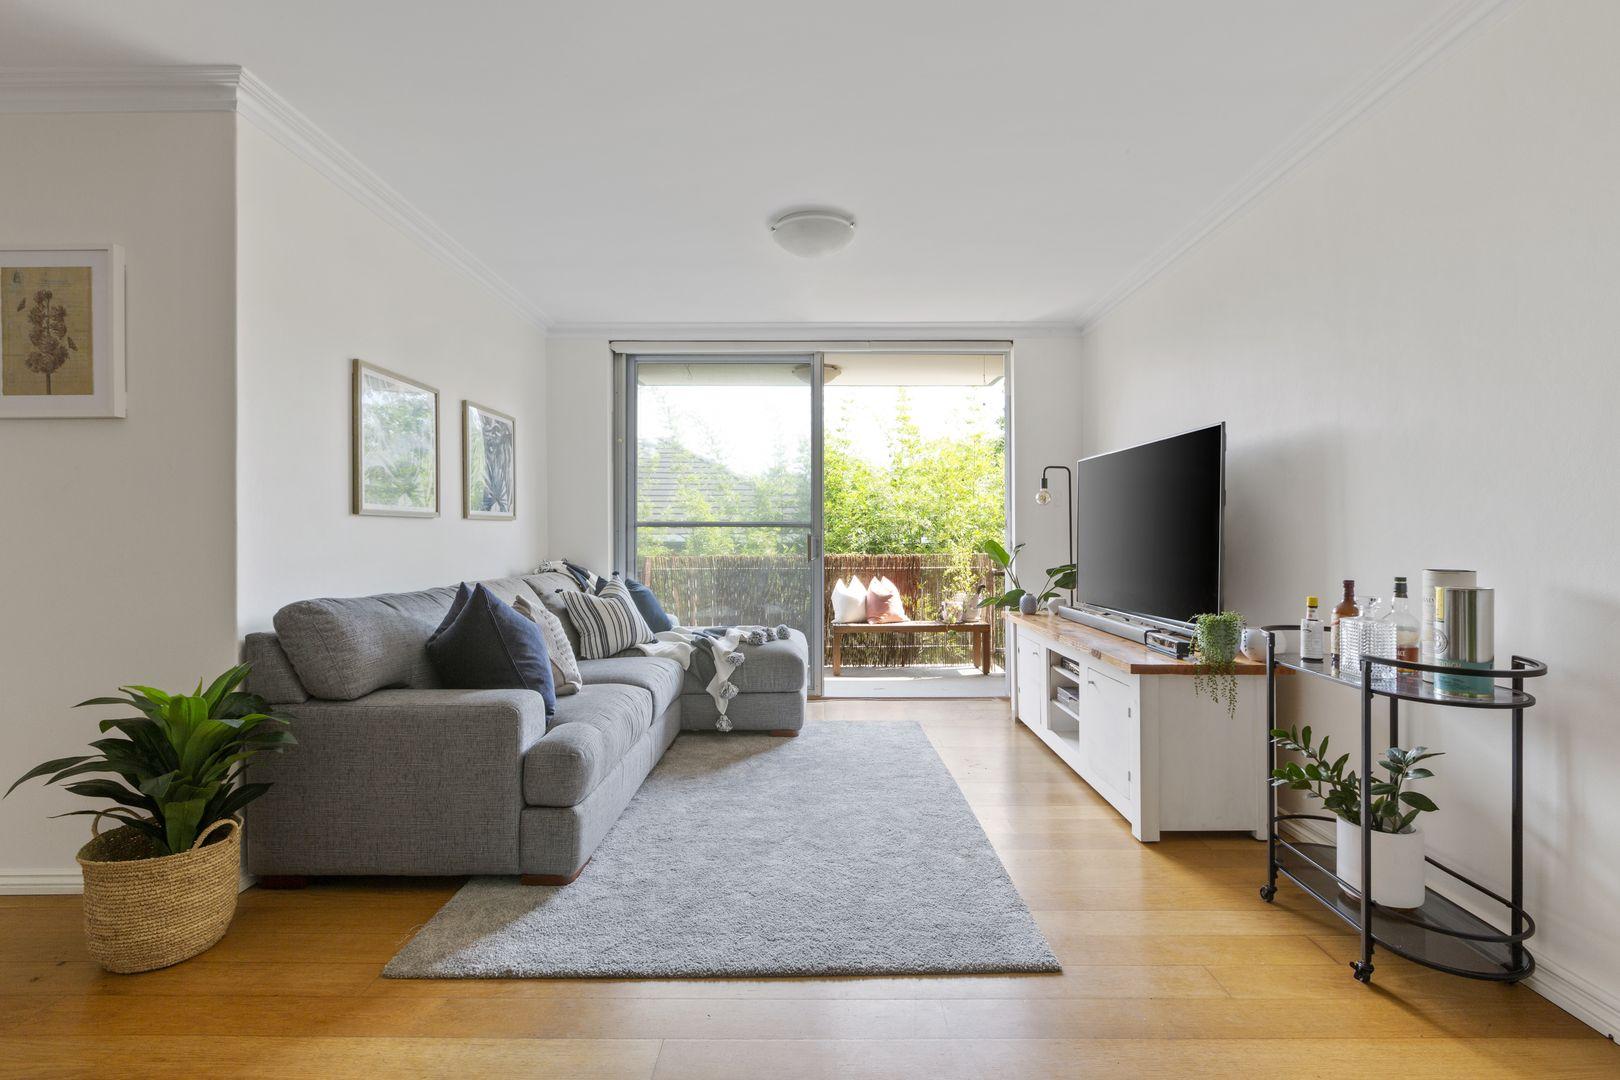 19/4 Greenwood Place, Freshwater NSW 2096, Image 0